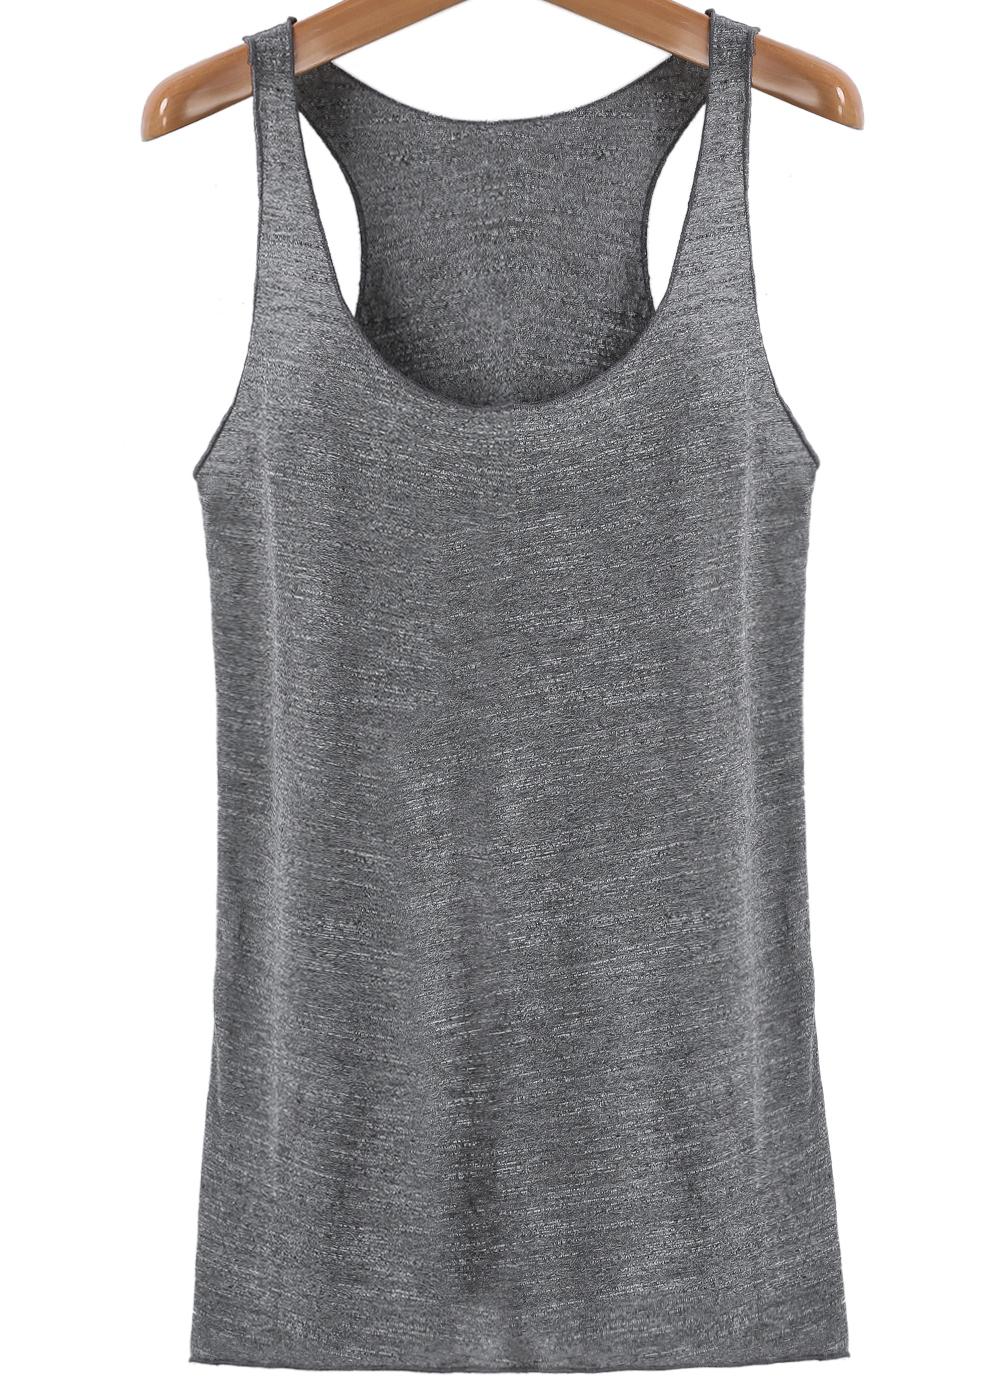 Grey Casual Sleeveless Slim Vest - Sheinside.com